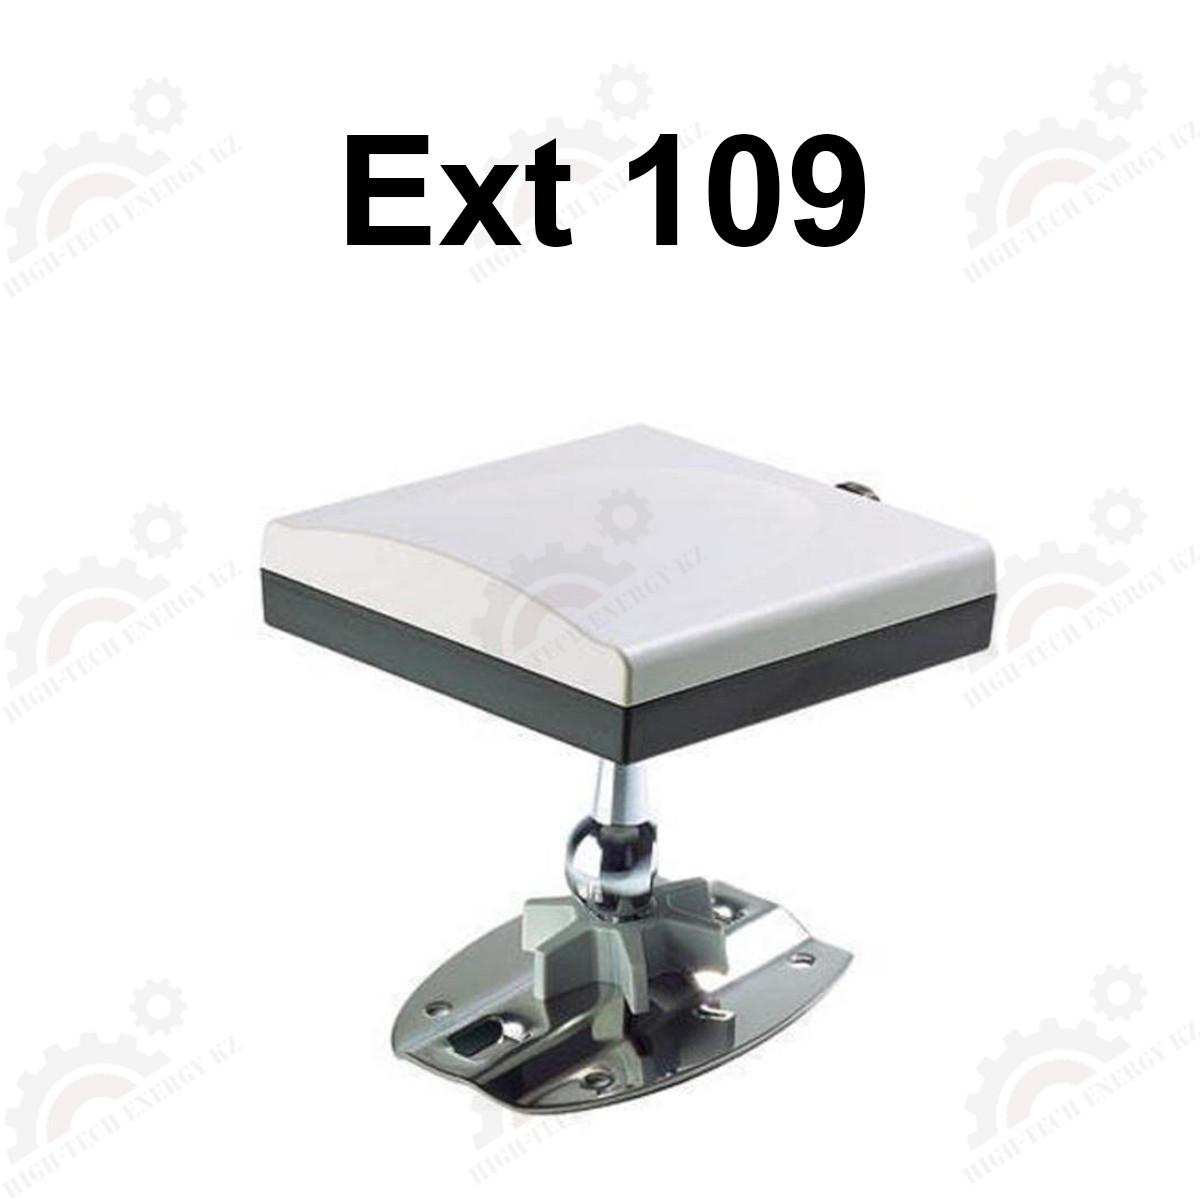 2.4 ГГц 9dBi направленная антенна для городской сети Ext 109